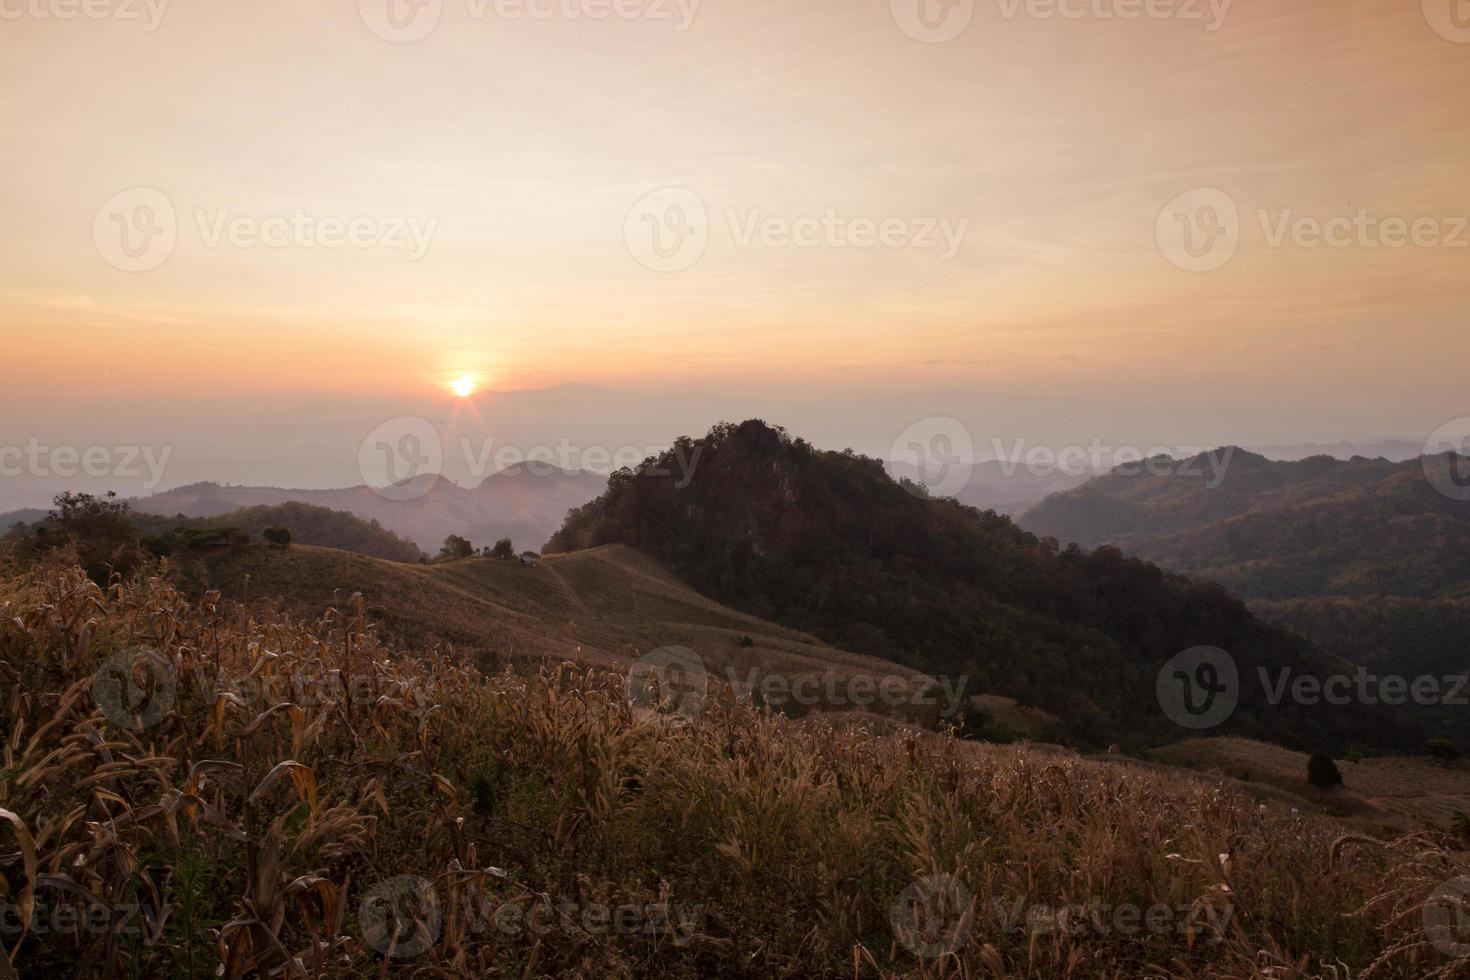 doi samer dao, punto di vista a nord della Thailandia. foto